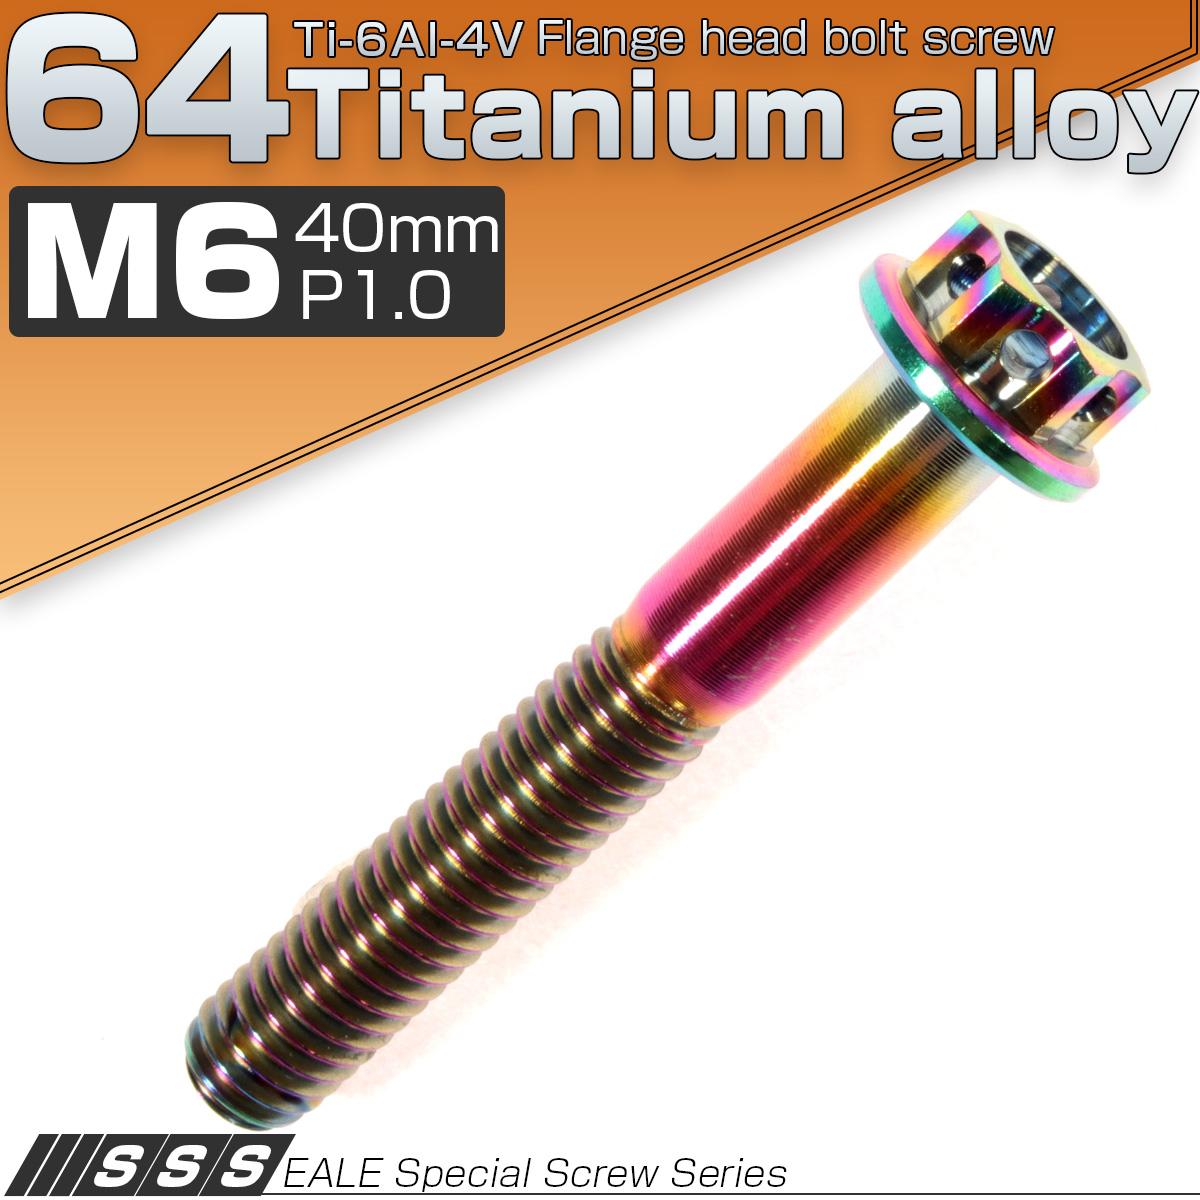 64チタン製 M6×40mm P1.00 六角ボルト フランジ付き カッティングヘッド 焼きチタン風 虹色 Ti6AI-4V JA058